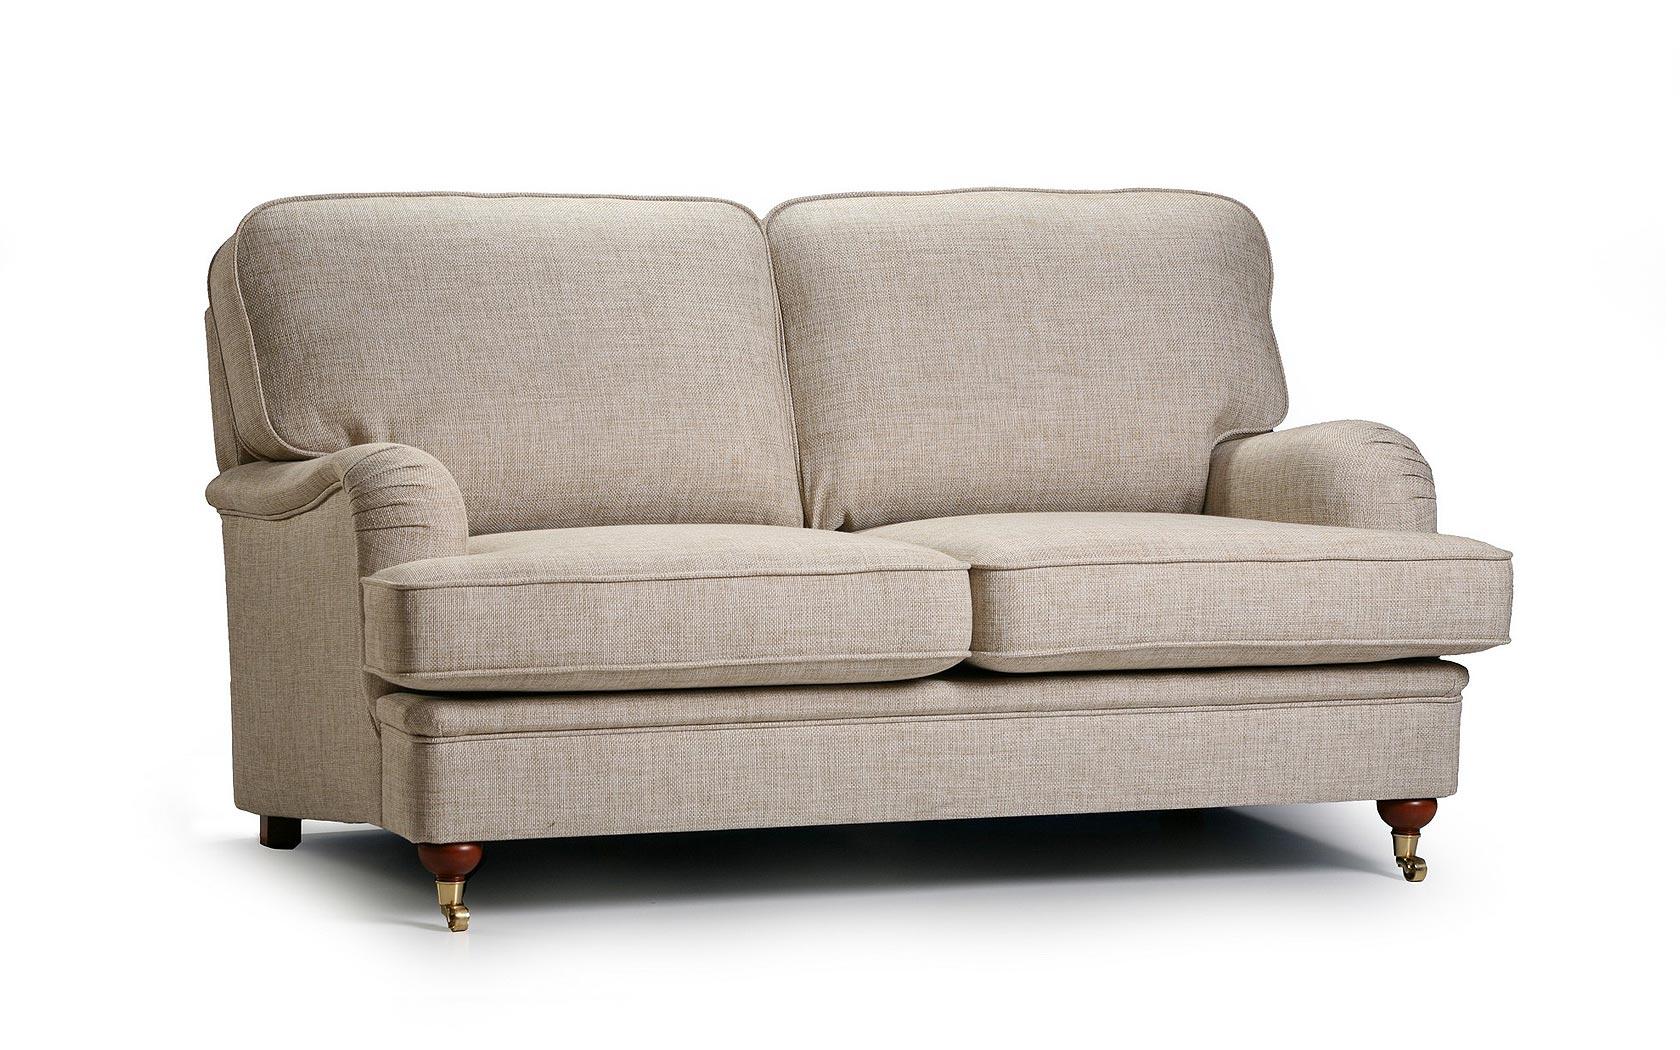 Canapea fixa 2 locuri tapitata cu stofa Winston